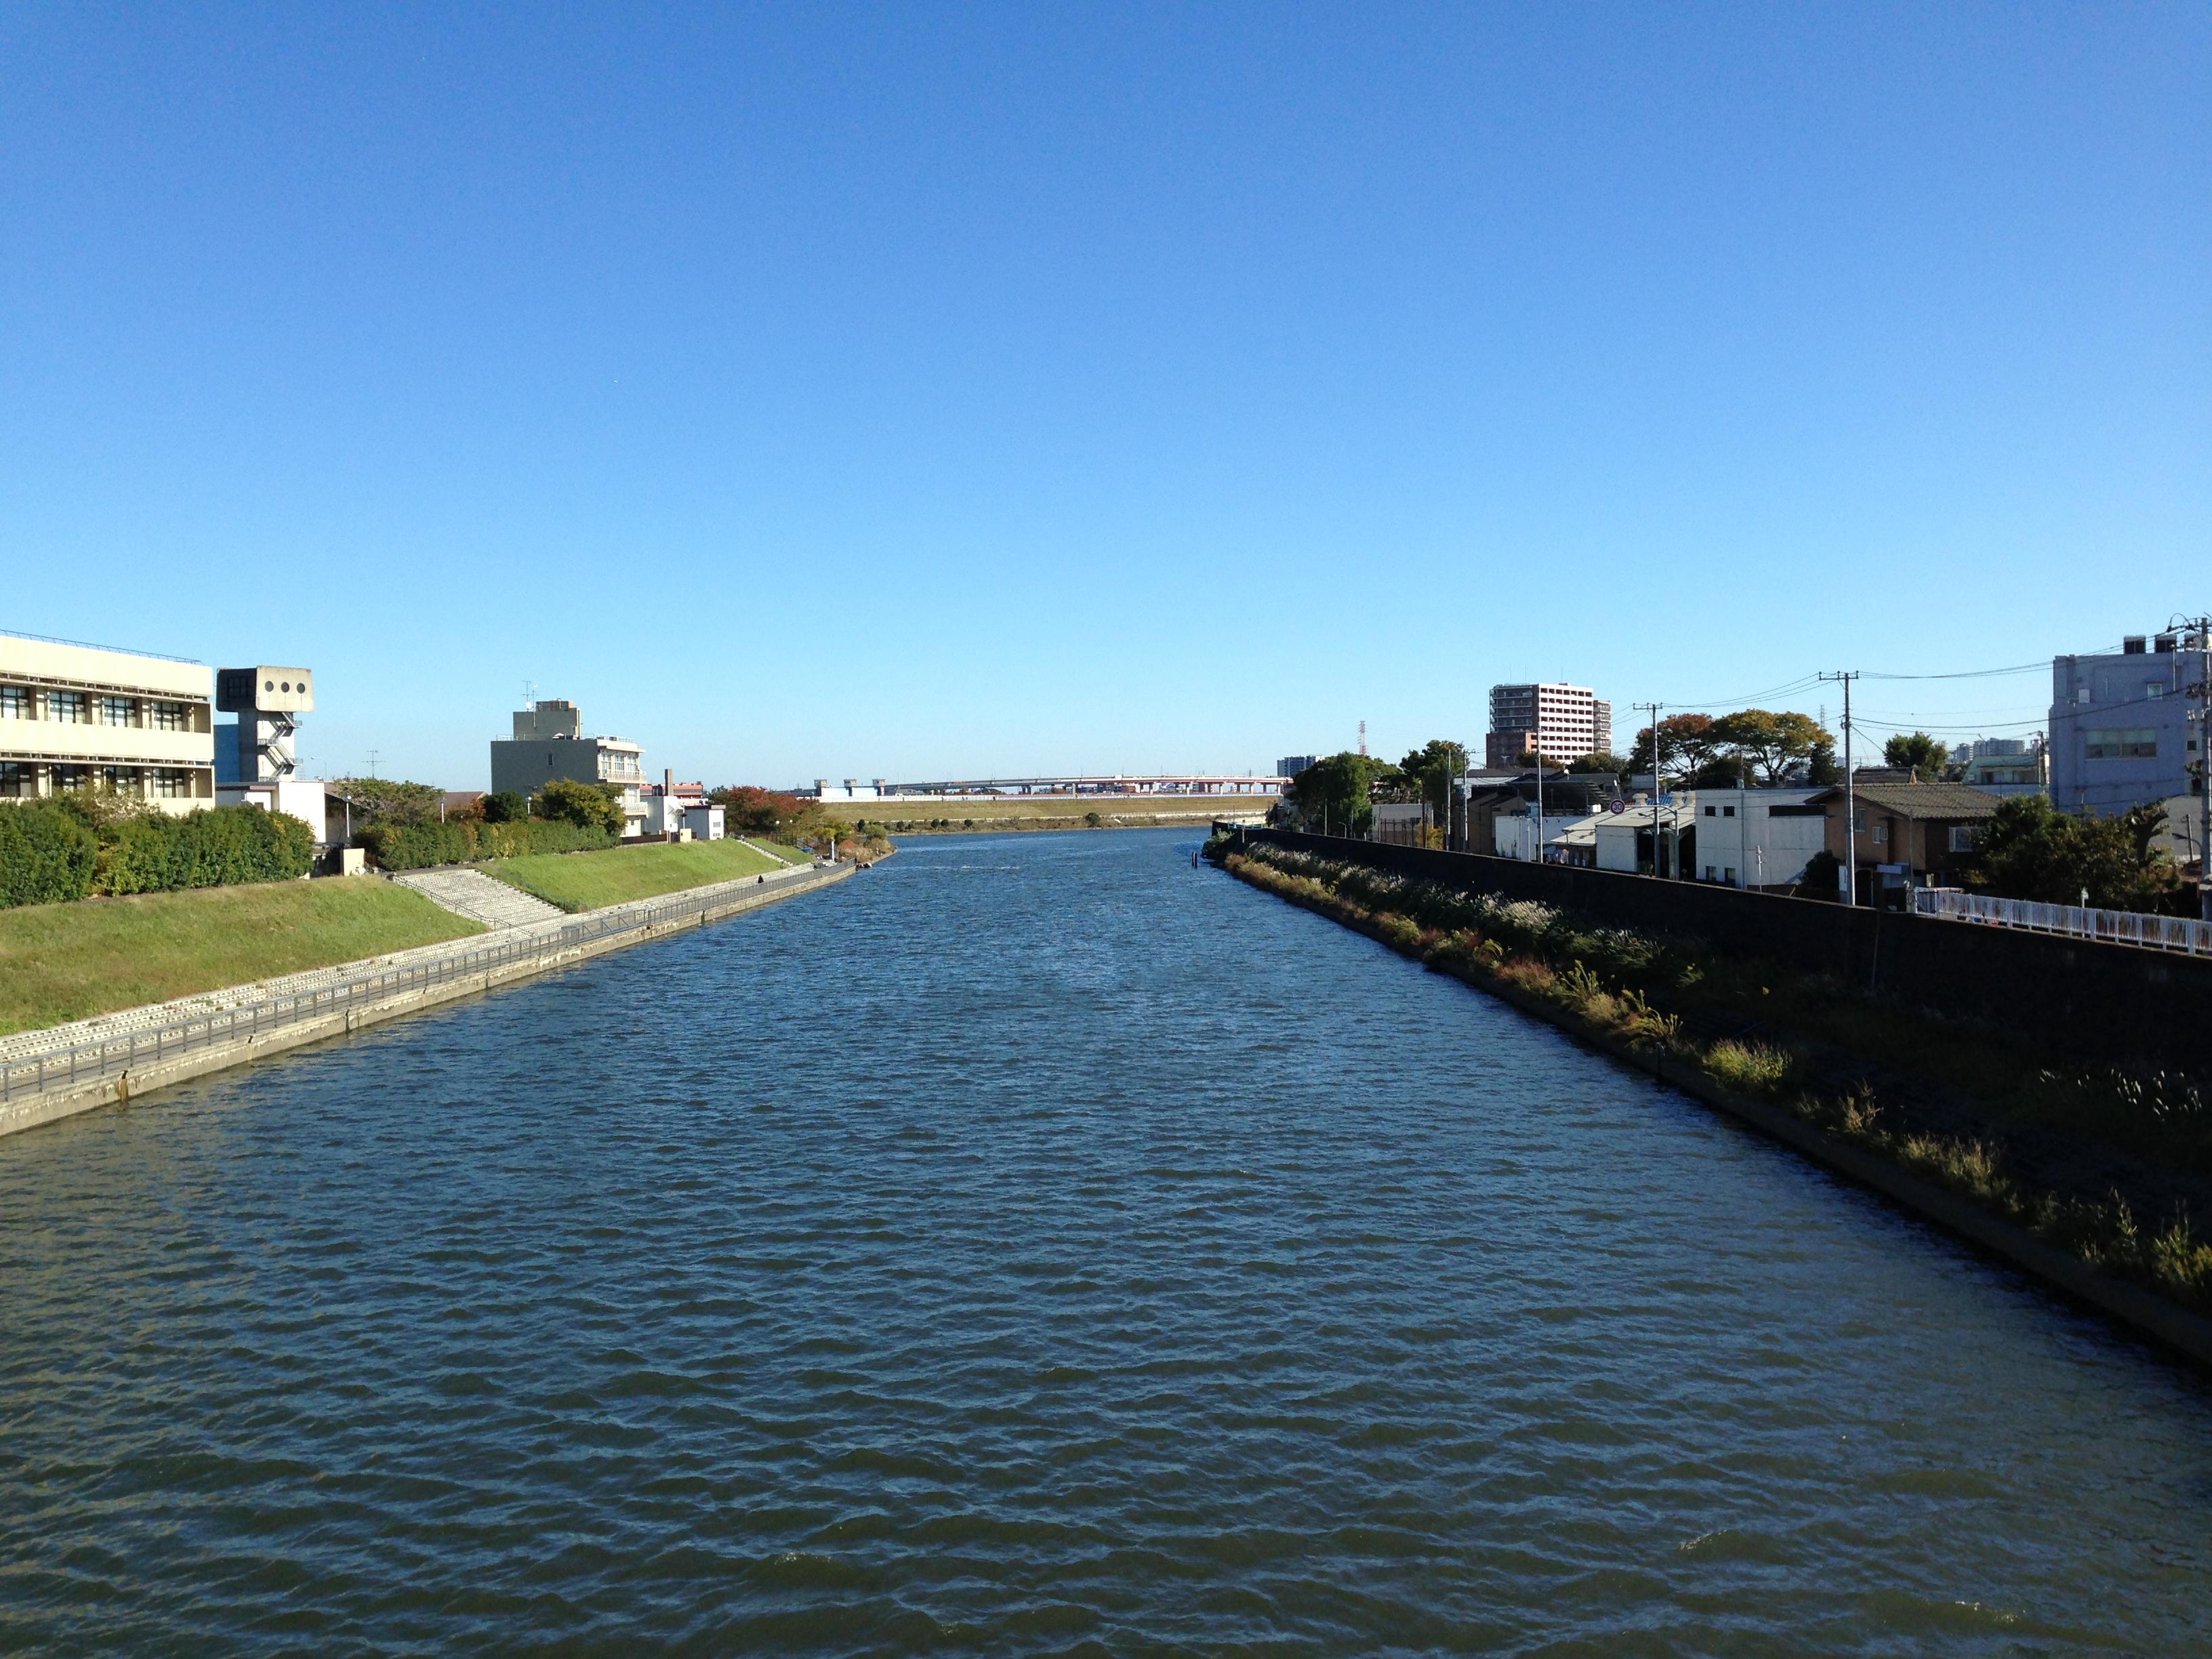 Vista general del puente hacia la derecha